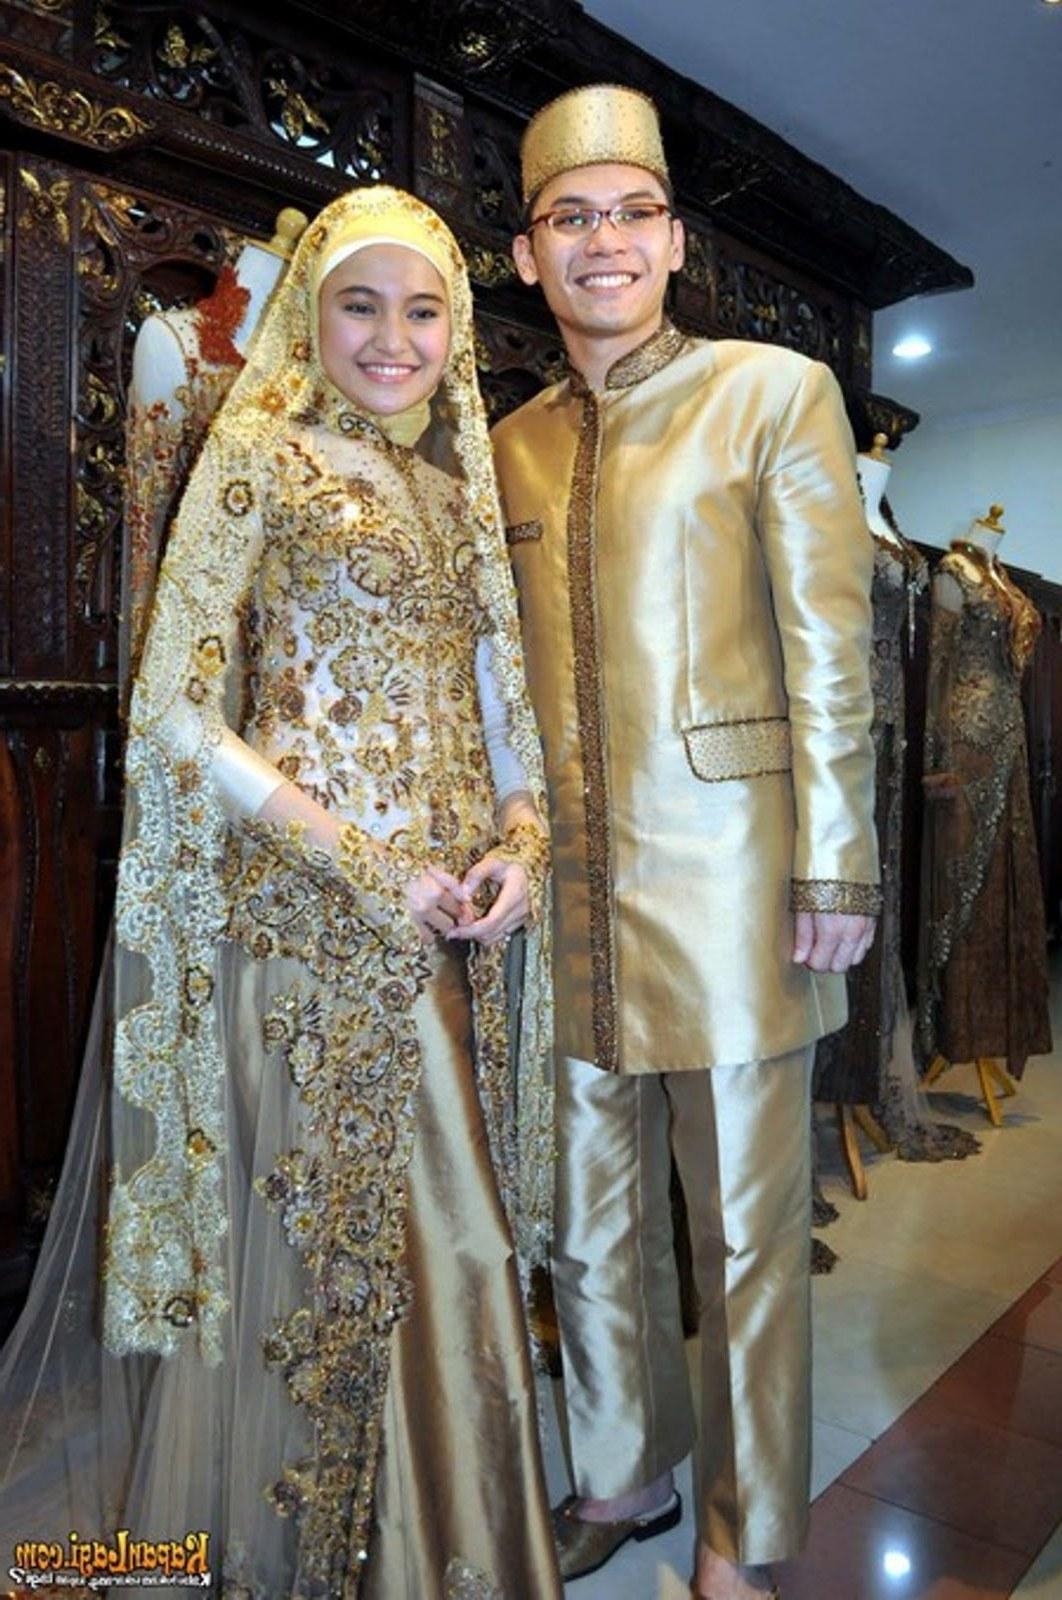 Inspirasi Busana Pengantin Berhijab Tqd3 30 Model Hijab Syari Wedding